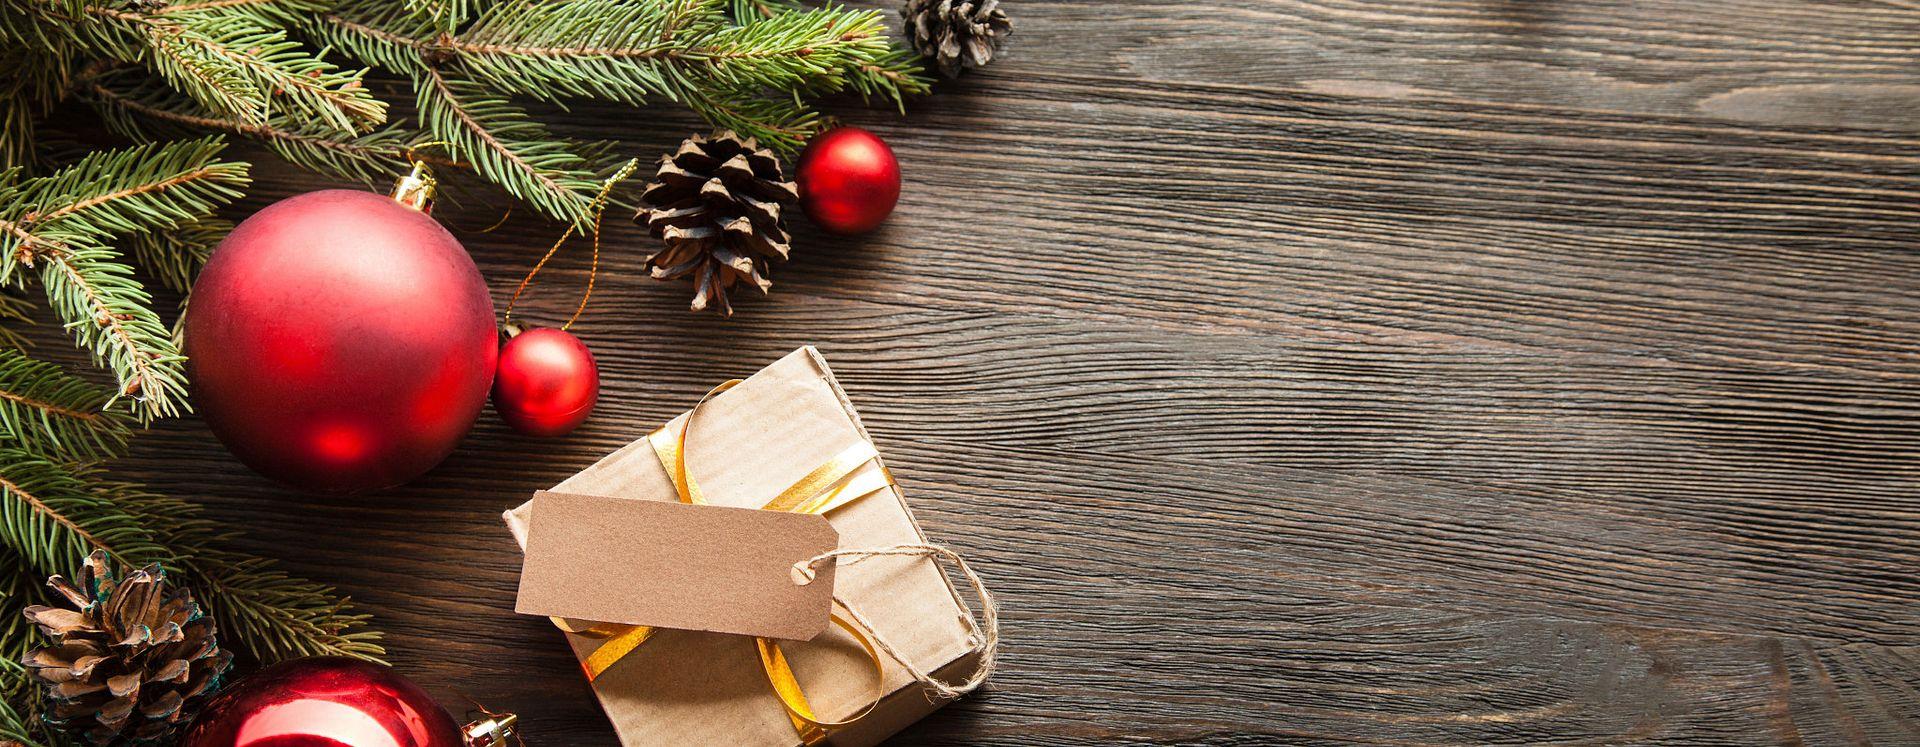 Temporada de Natal com caixa de presente